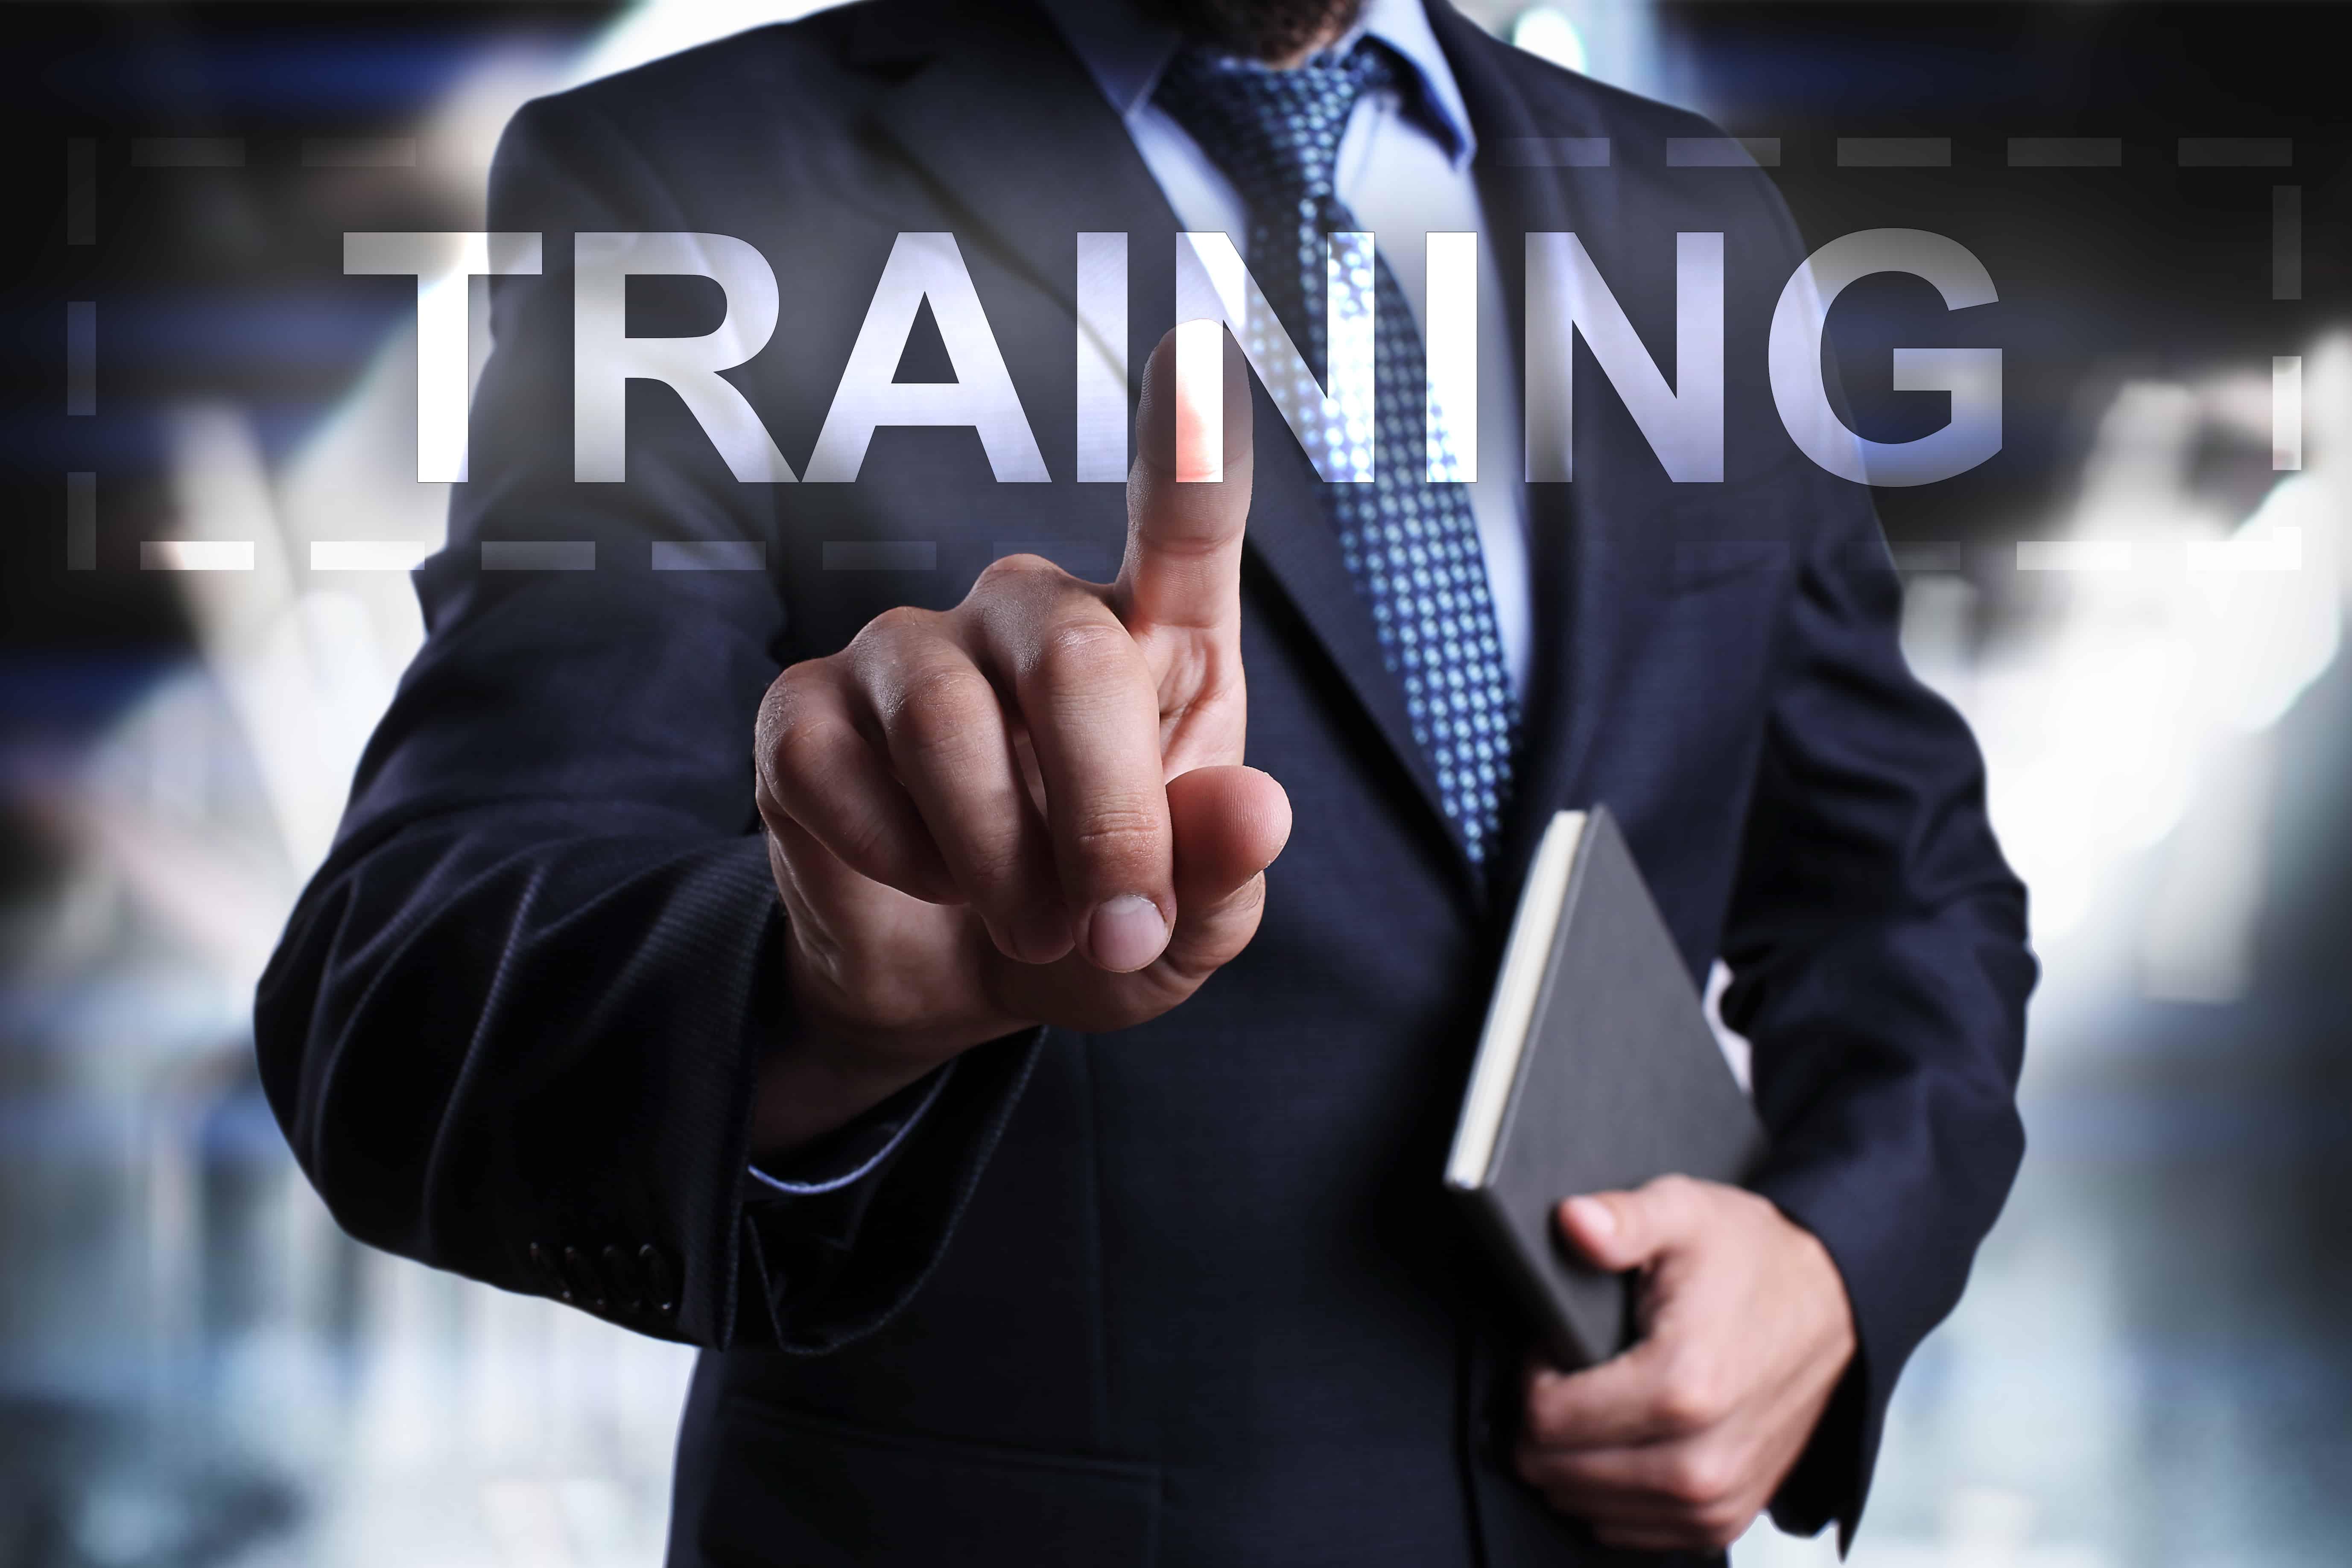 konferencje i szkolenia wrzesień 2018